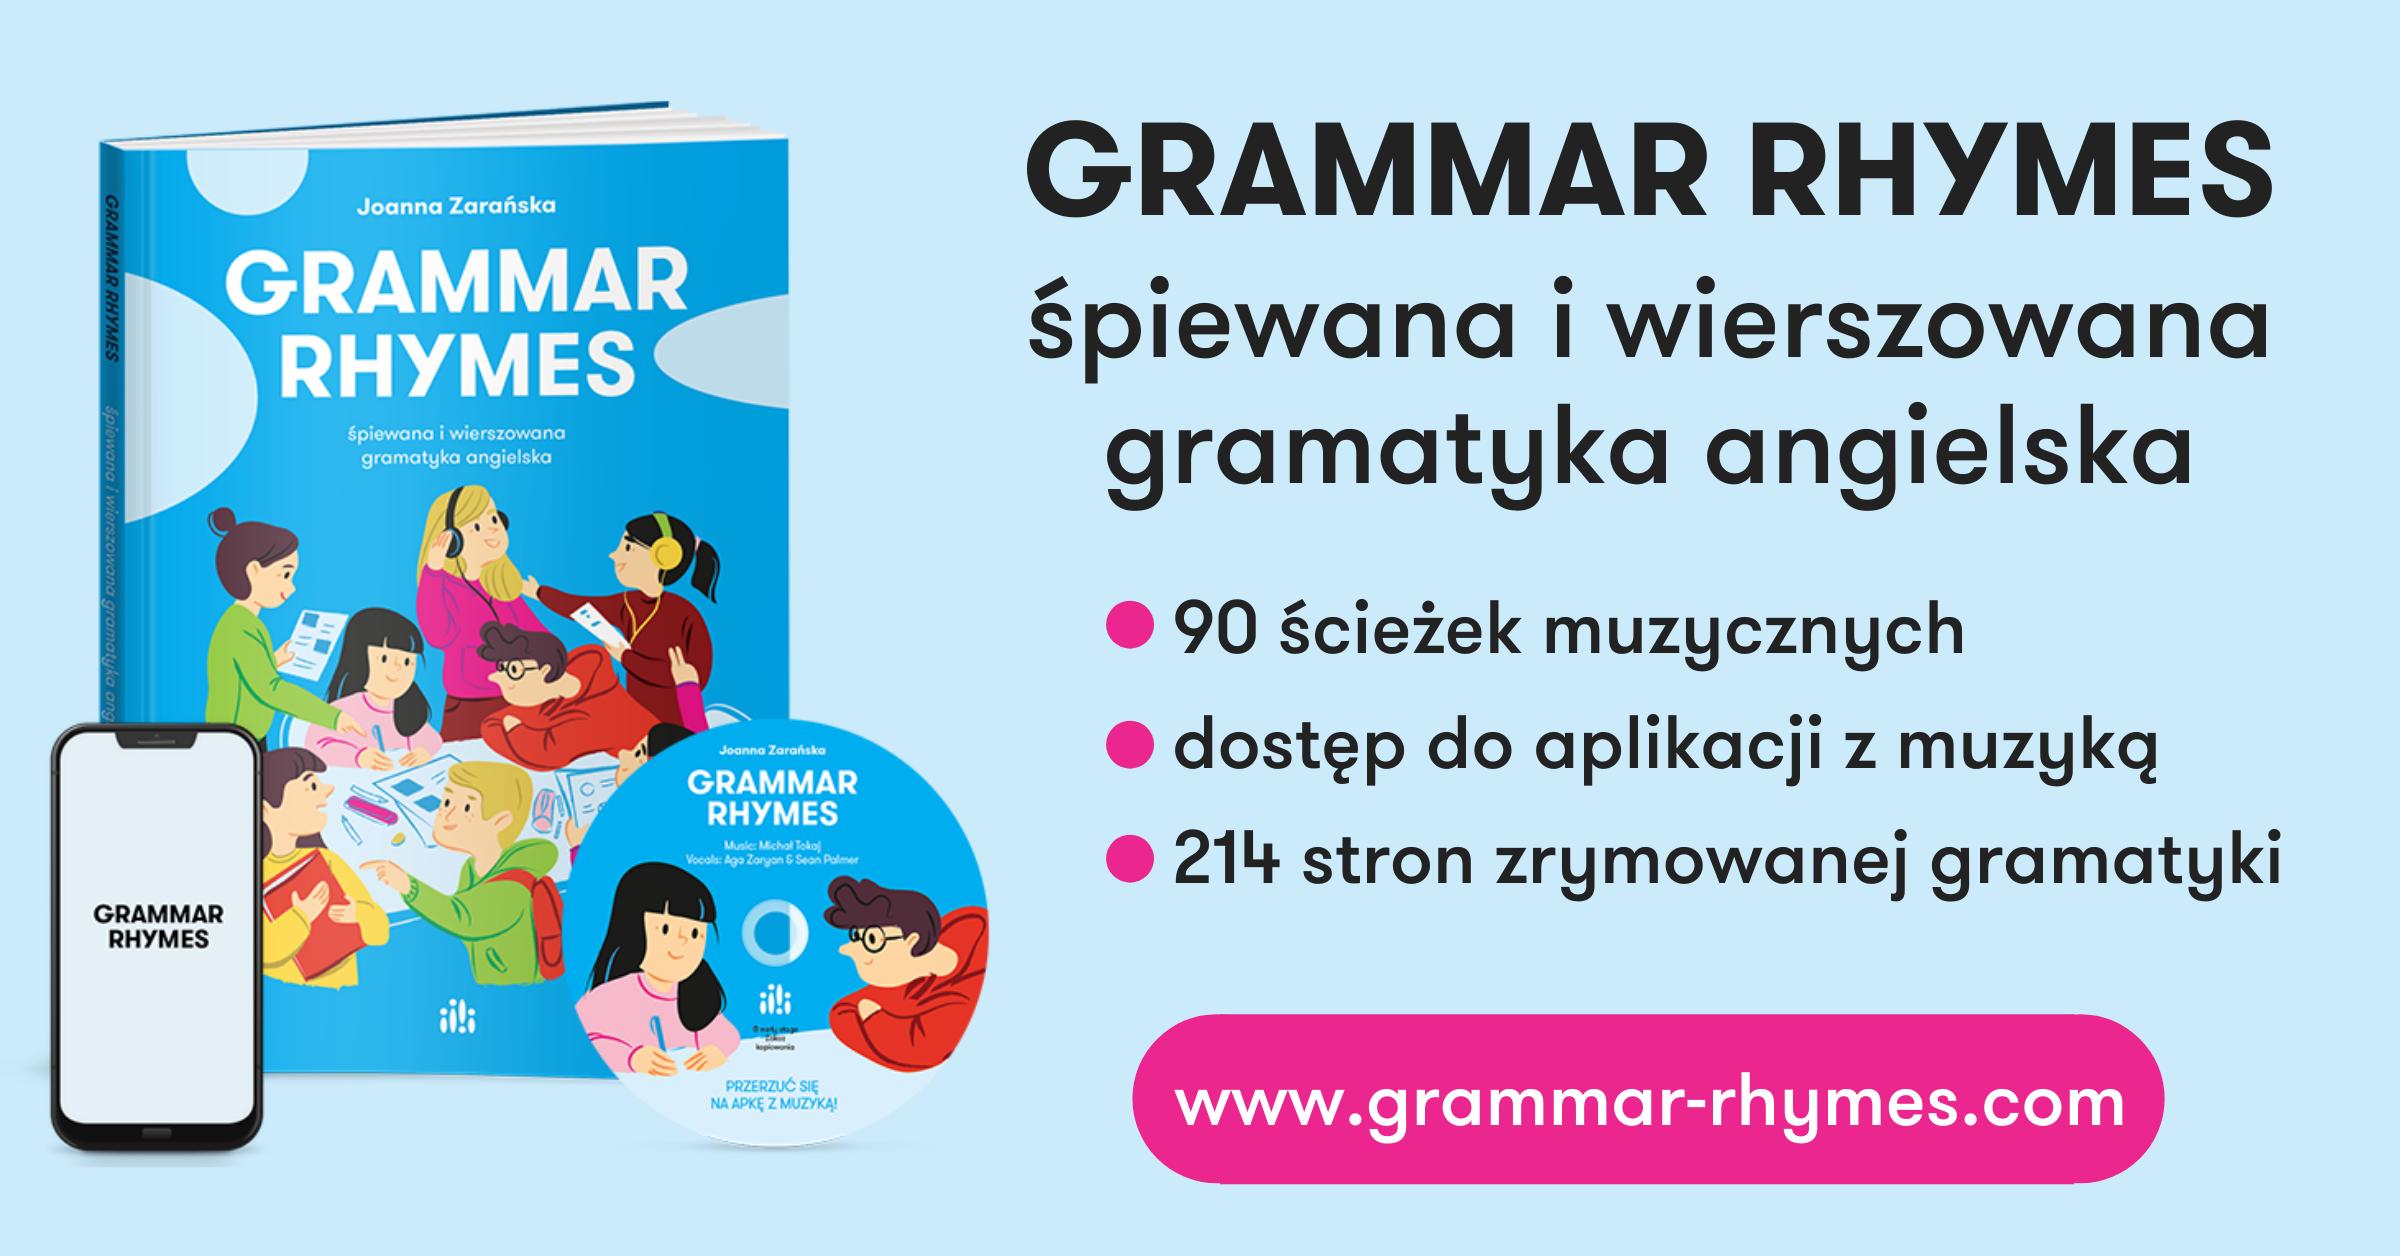 Podręcznik do nauki gramatyki języka angielskiego